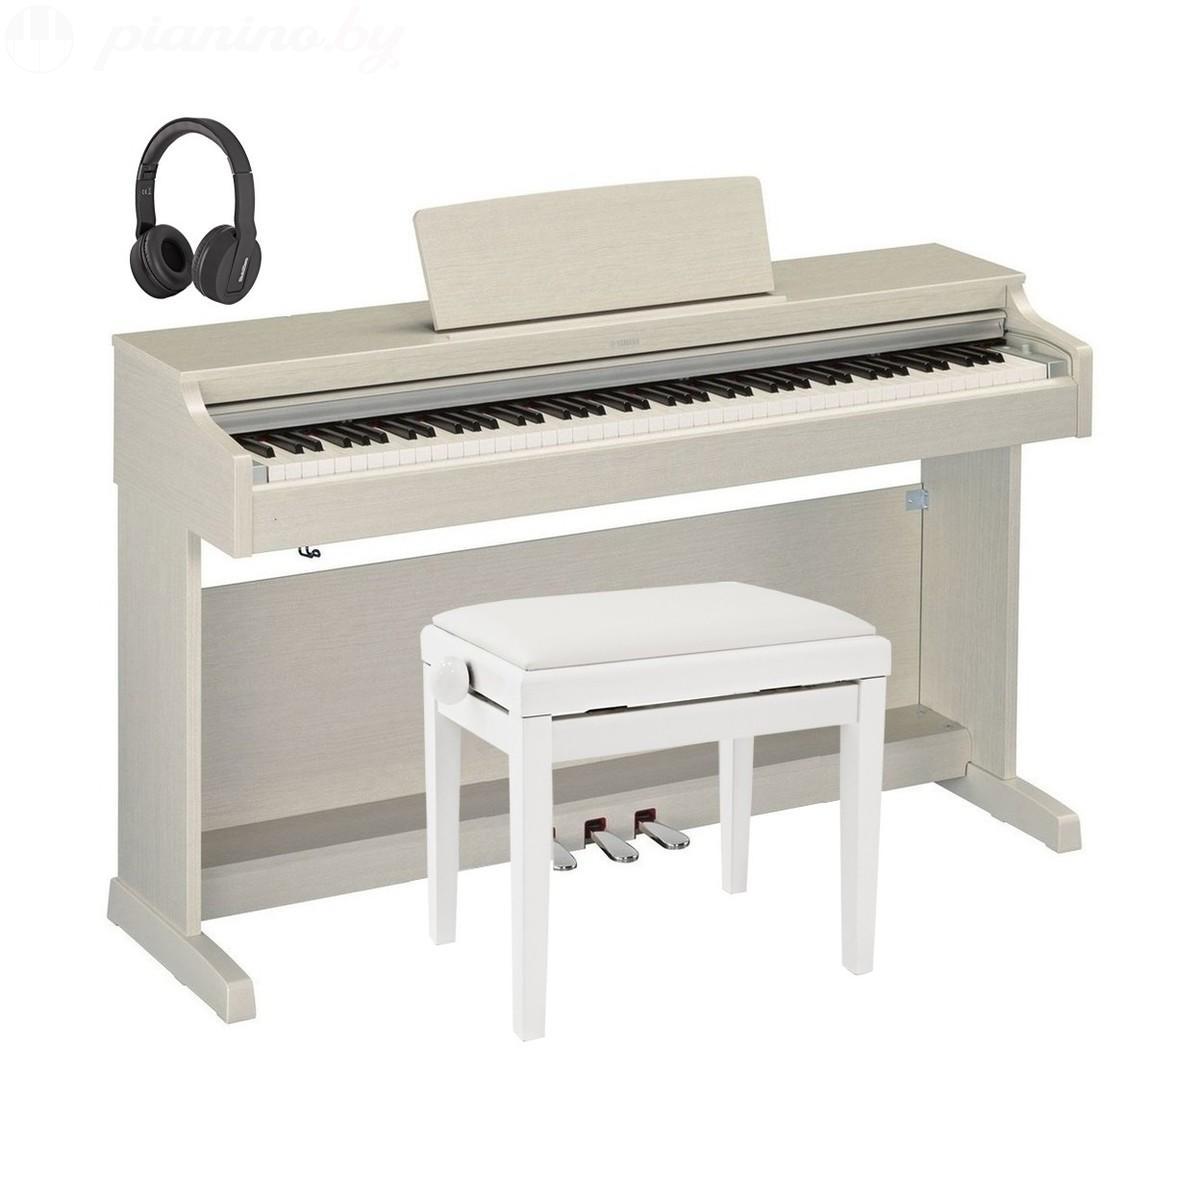 Цифровое пианино Yamaha Arius YDP-163 White Ash Фото 1